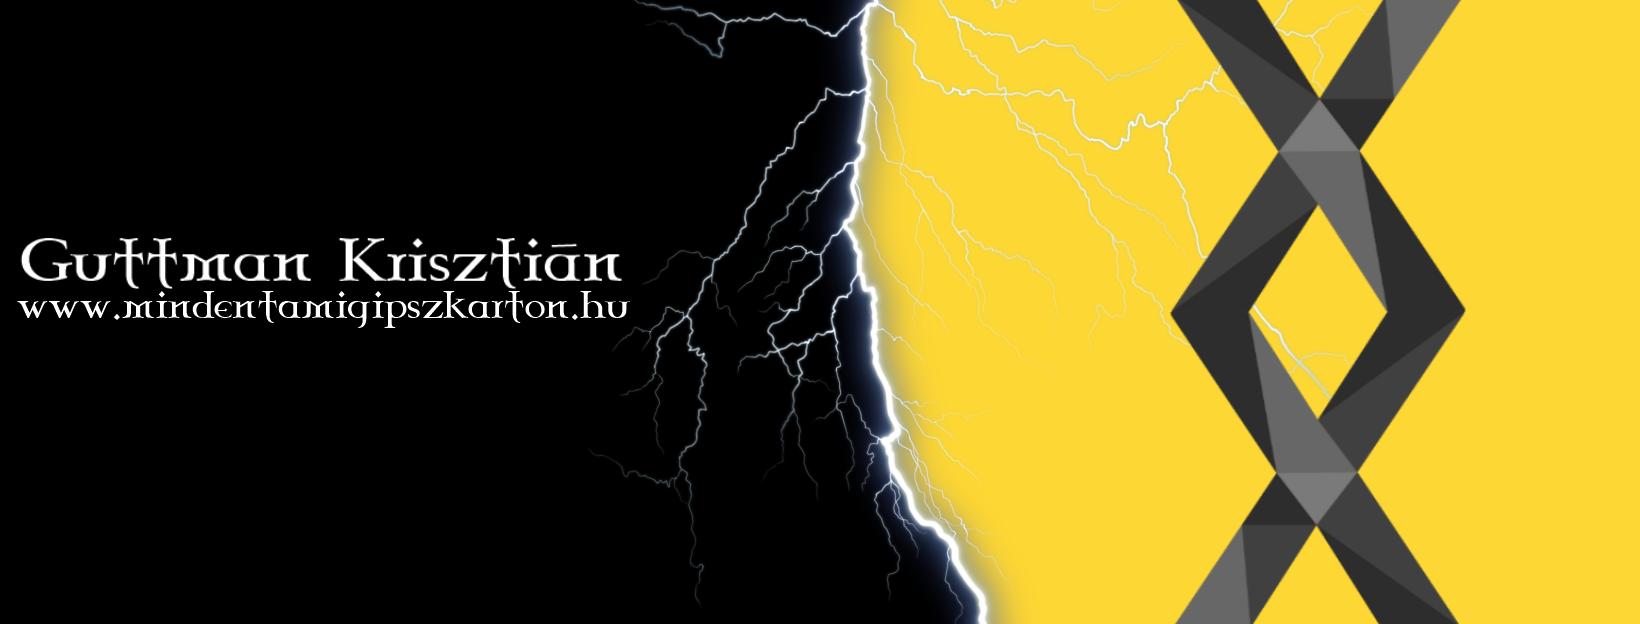 Guttman Krisztián e.v.